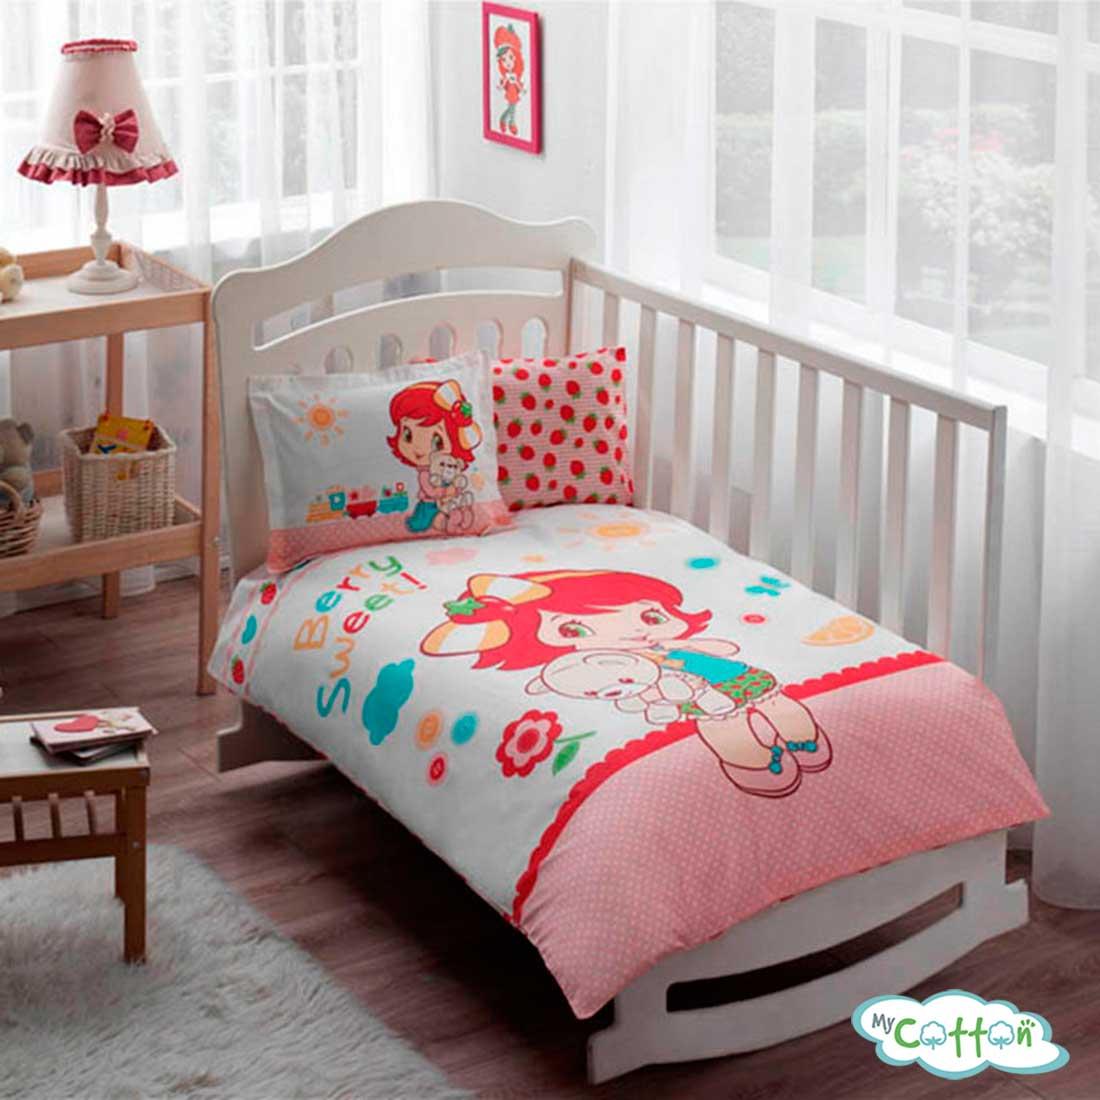 Ясельный набор TAC (Тач) S.SHORTCAKE SLEEPY BABY для самых маленьких